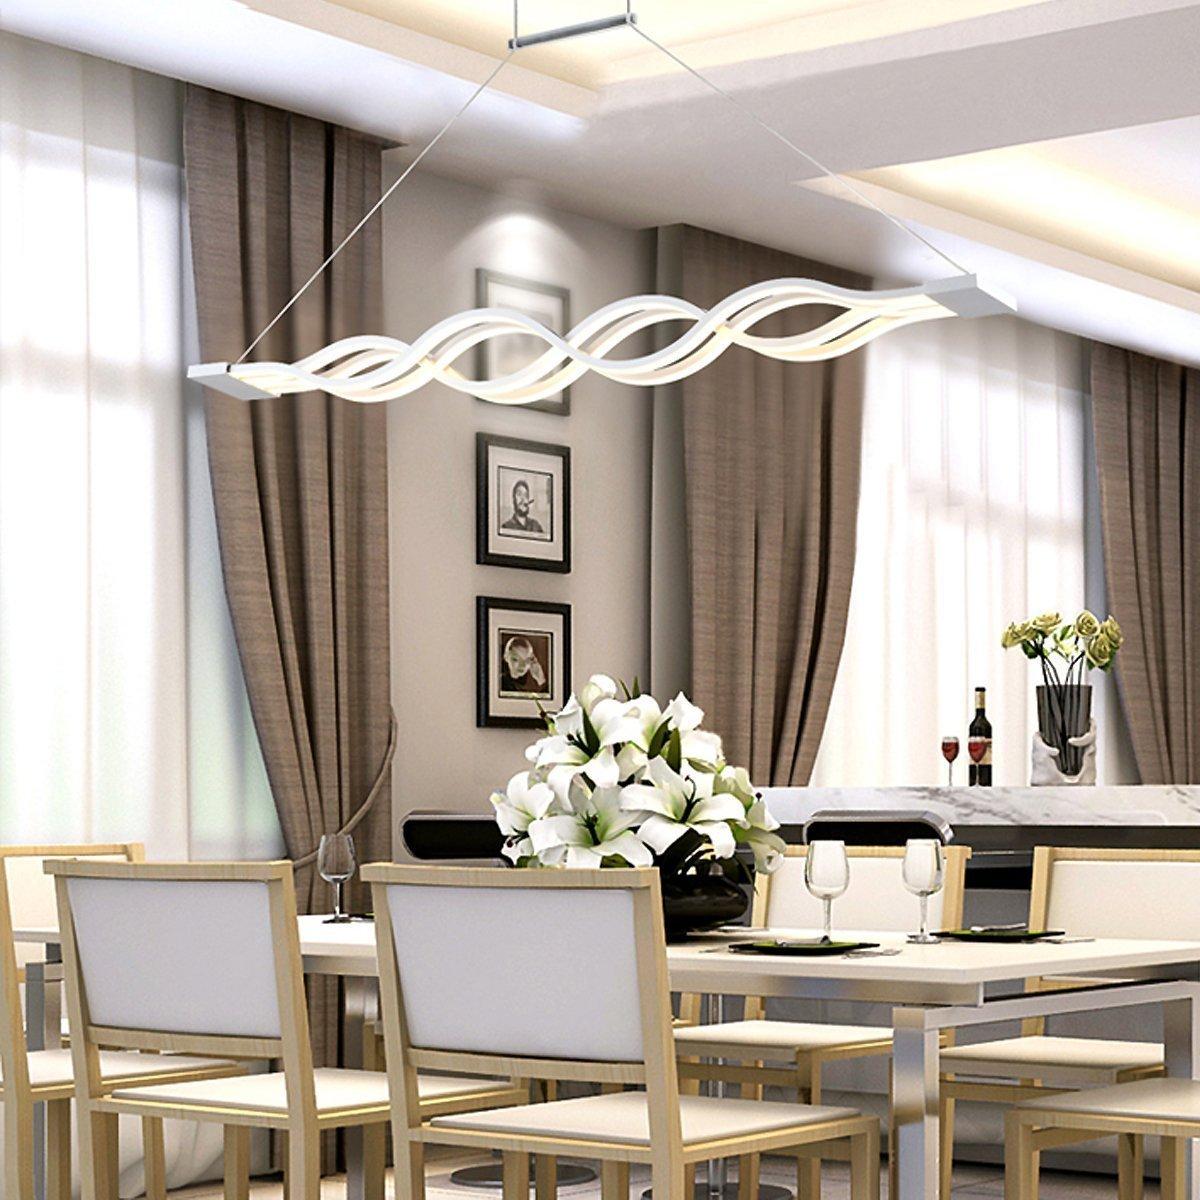 Beeindruckend Moderne Lampen Esstisch Dekoration Von Kjlars Pendelleuchte Led Hängelampe Wohnzimmer Küche Led-pendellampe